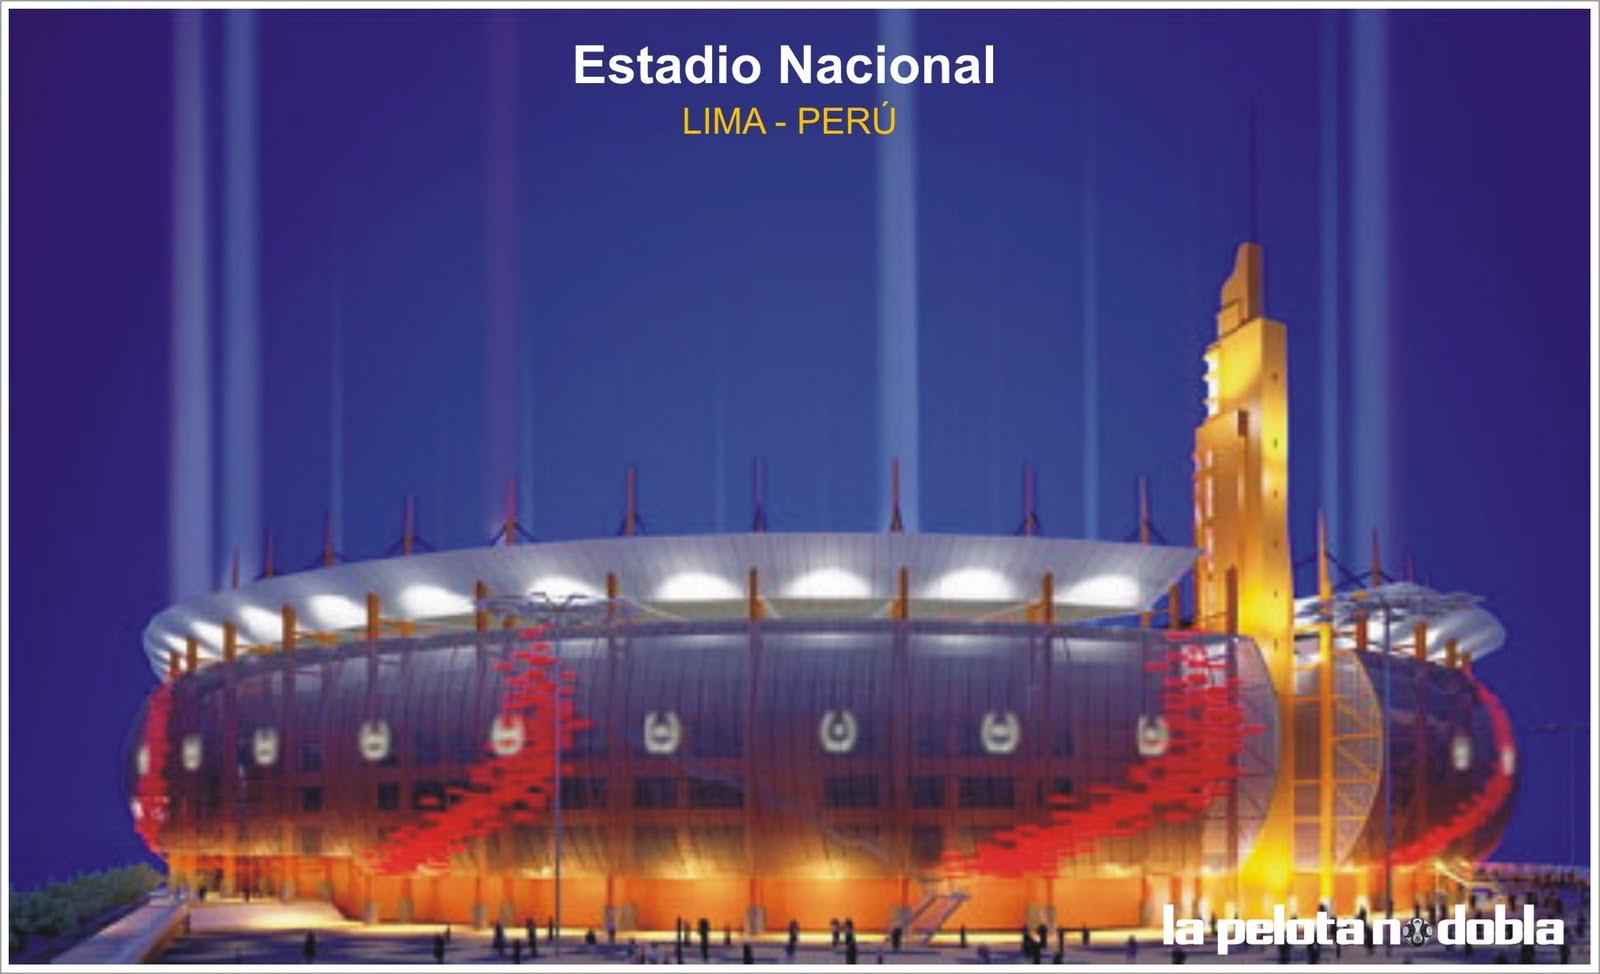 La pelota no dobla a 47 a os de la tragedia se reinaugura for Puerta 9 del estadio nacional de lima